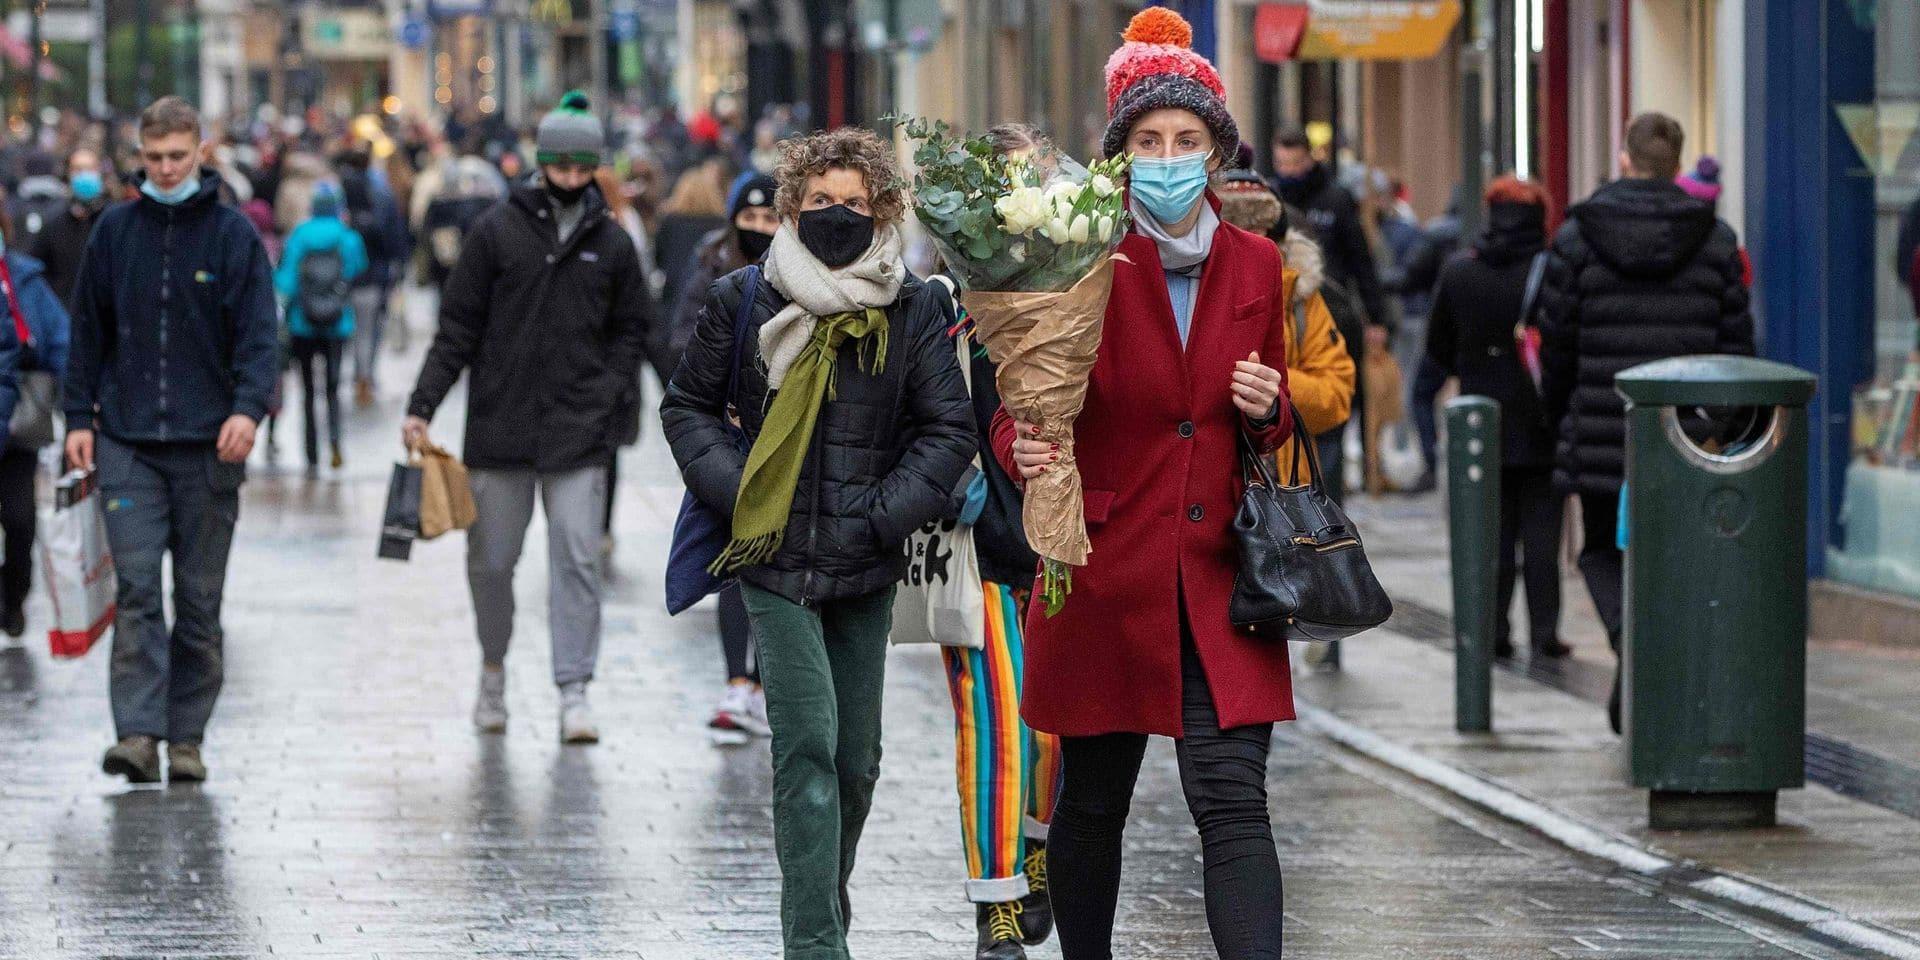 Coronavirus : L'Irlande fait face à une propagation rapide de la souche mutante britannique